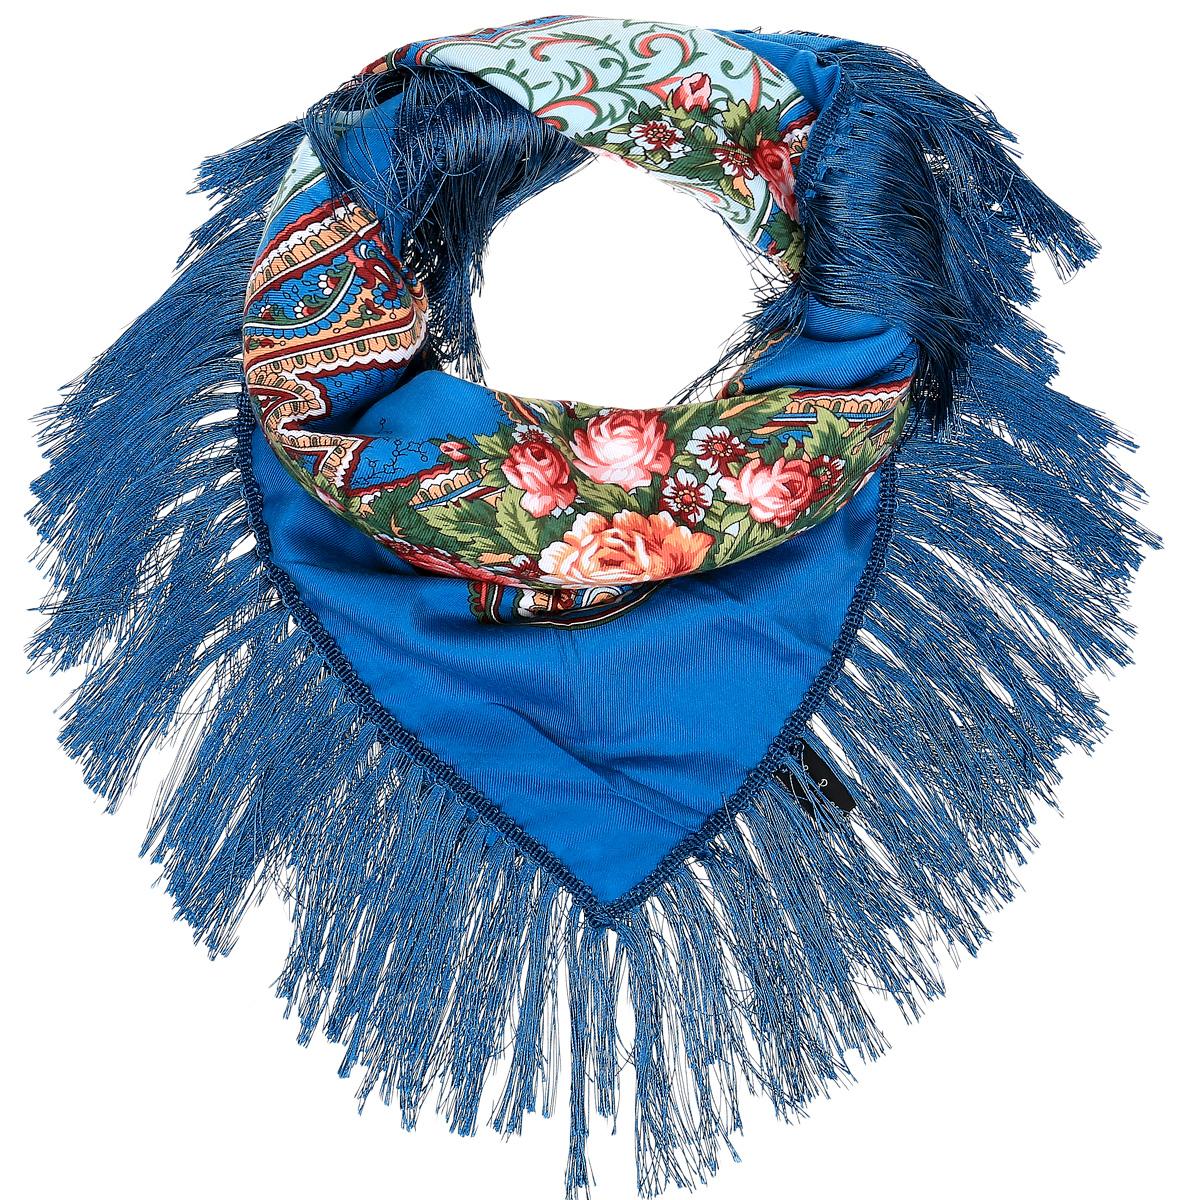 ПлатокYY-21660-1Элегантный платок Sophie Ramage станет достойным завершением вашего образа. Платок изготовлен из модала с добавлением шерсти и полиэстера. Оформлена модель яркими цветочными узорами в стиле хохломы и дополнена стильной бахромой. Платок красиво драпируется, он превосходно дополнит любой наряд и подчеркнет ваш изысканный вкус. Легкий и изящный платок привнесет в ваш образ утонченность и шарм.